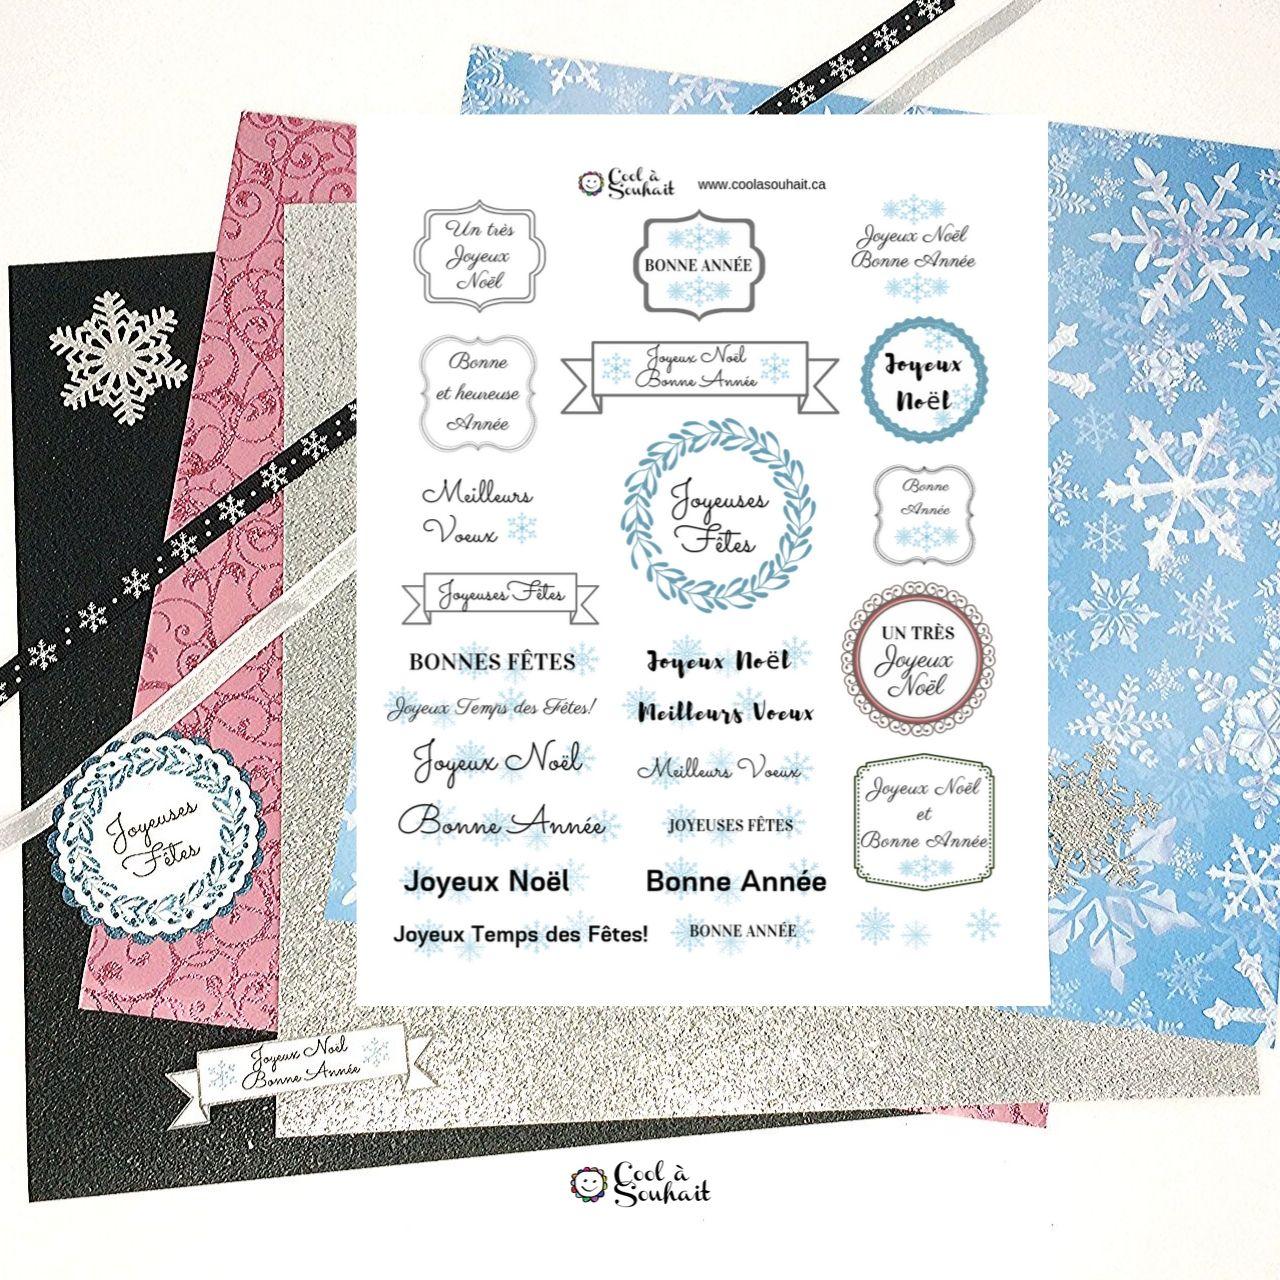 Étiquettes de voeux de Noël à découper et imprimer.